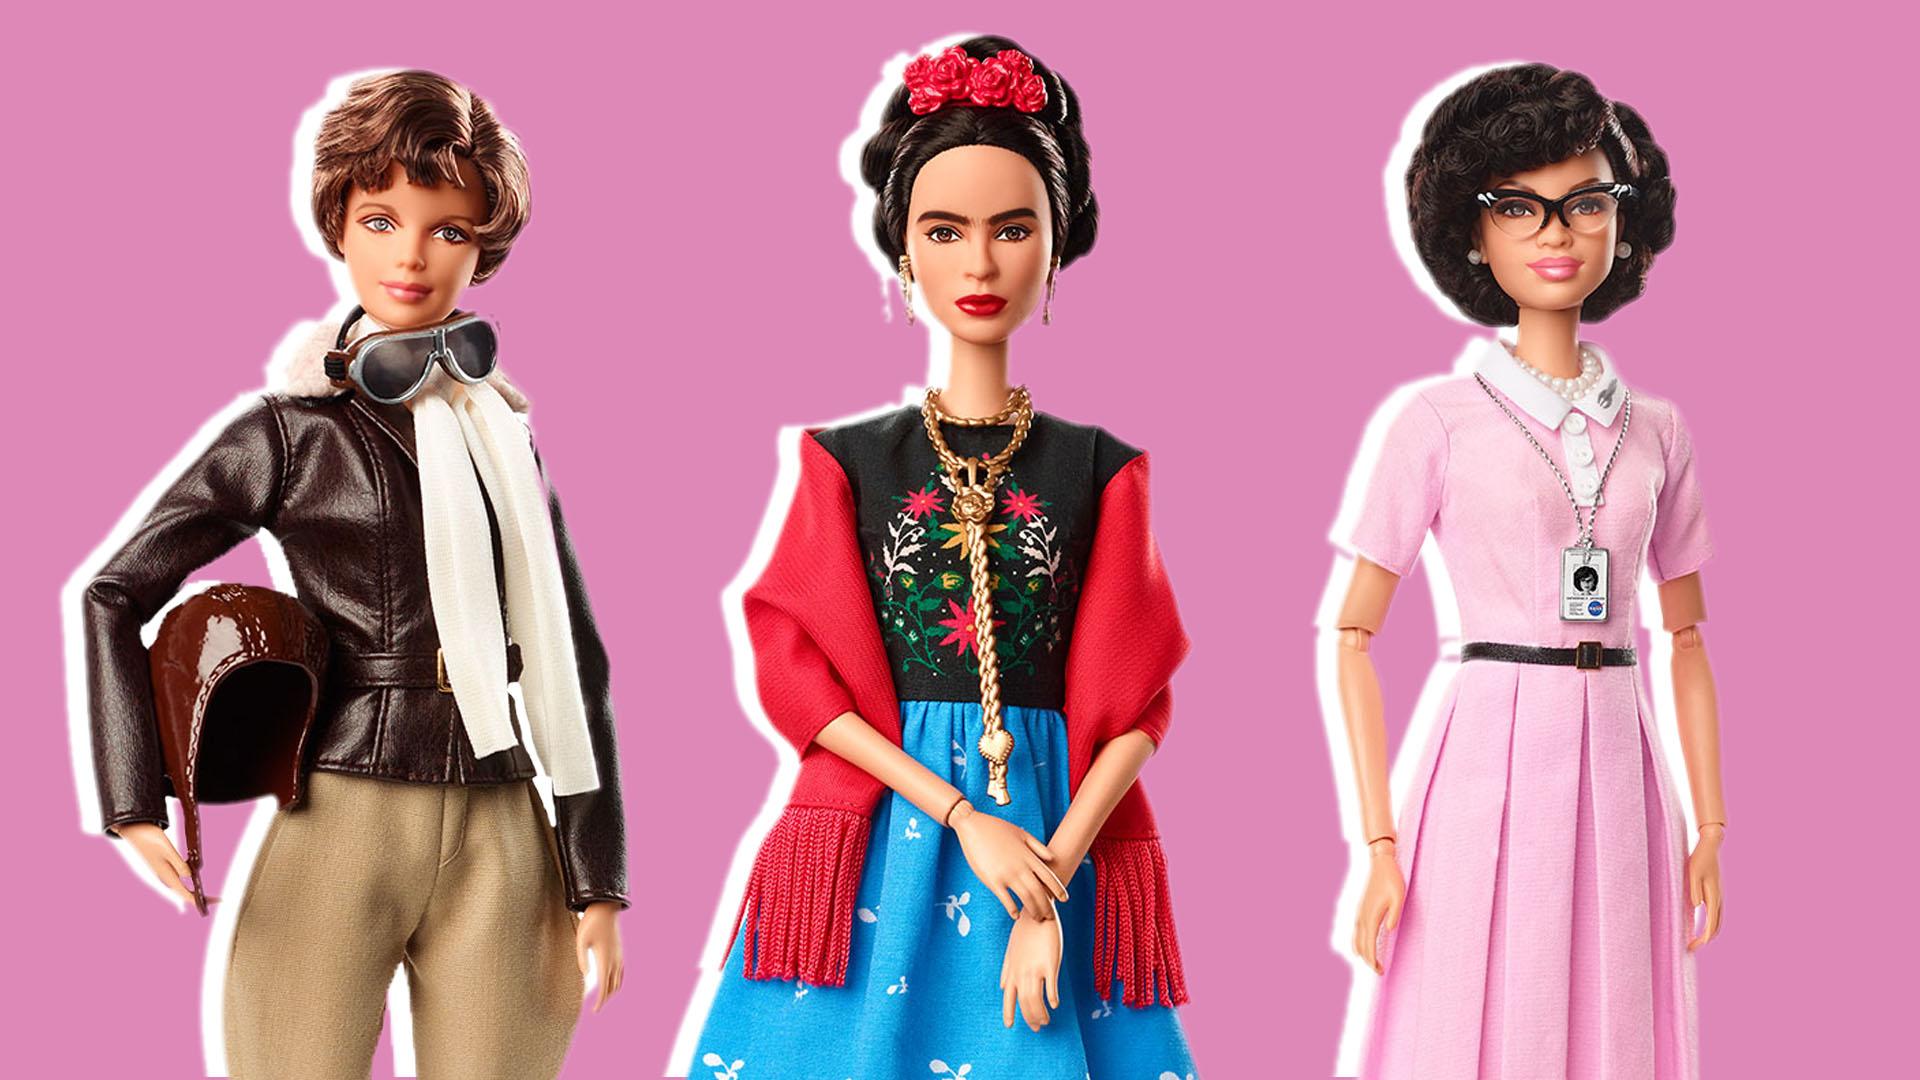 Une Barbie à l'effigie de la cheffe étoilée Hélène Darroze